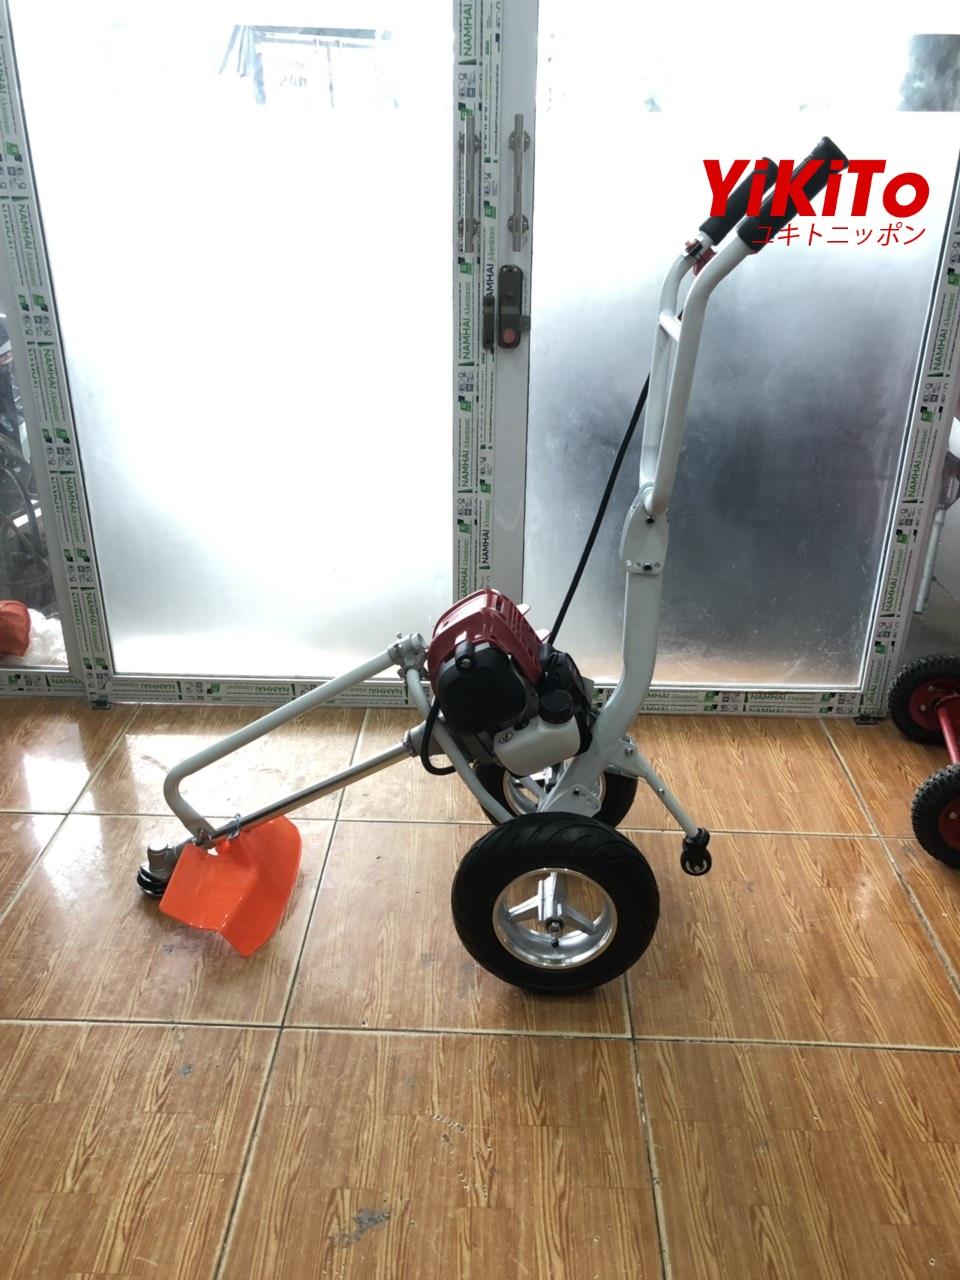 Máy cắt cỏ đẩy tay Yikito Nhật Bản GX50